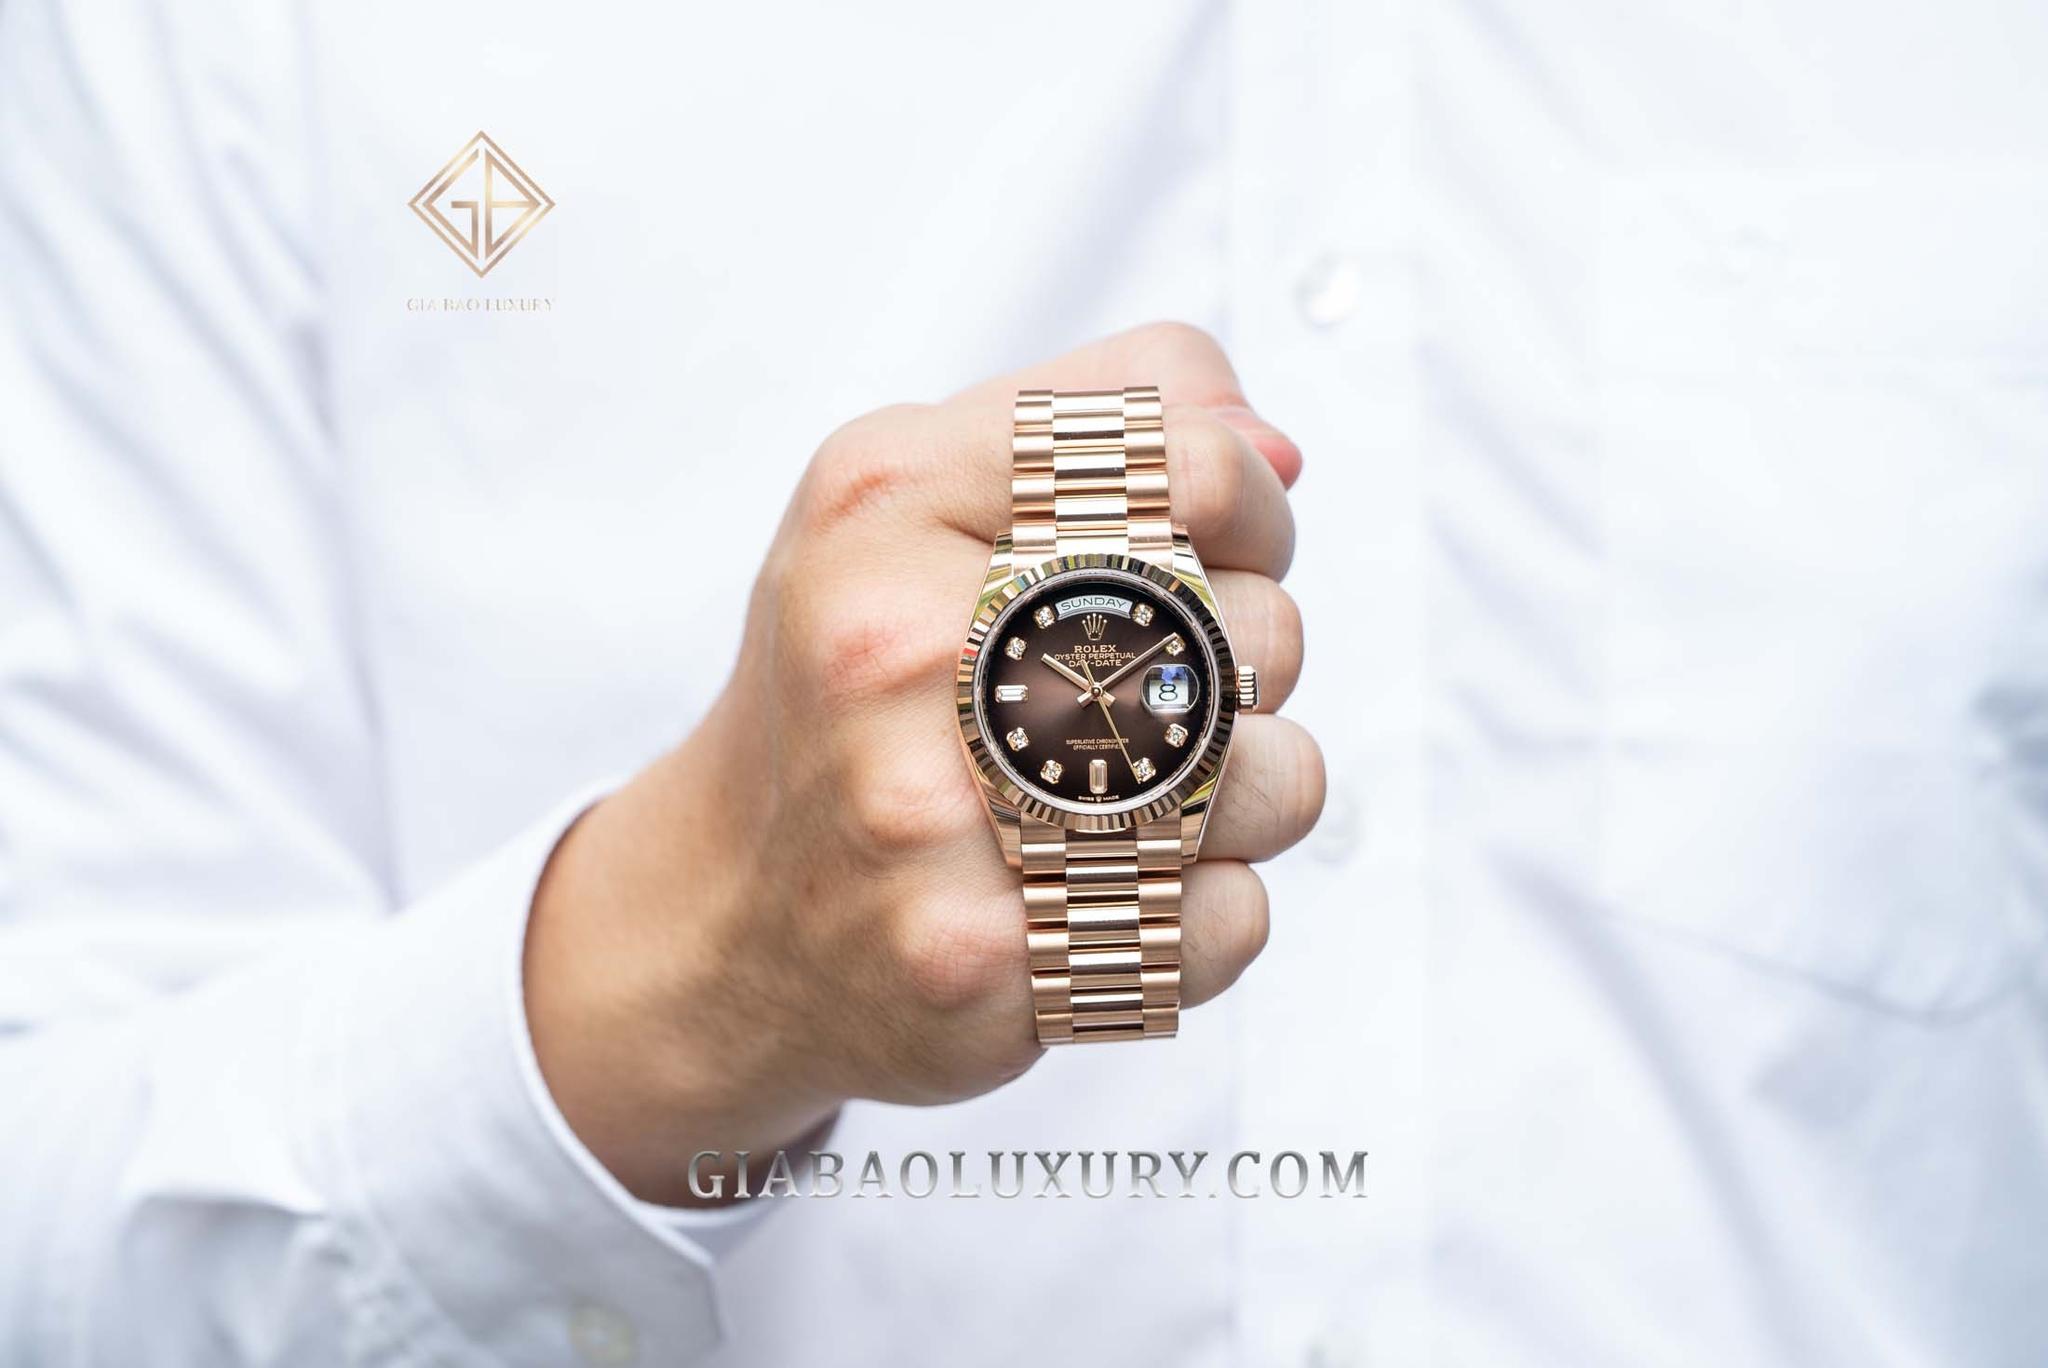 Từ các chất liệu vàng vàng, vàng trắng, vàng hồng, Rolex đã tạo ra những sản phẩm có giá trị về mặt thẩm mỹ, tính năng sử dụng cao.